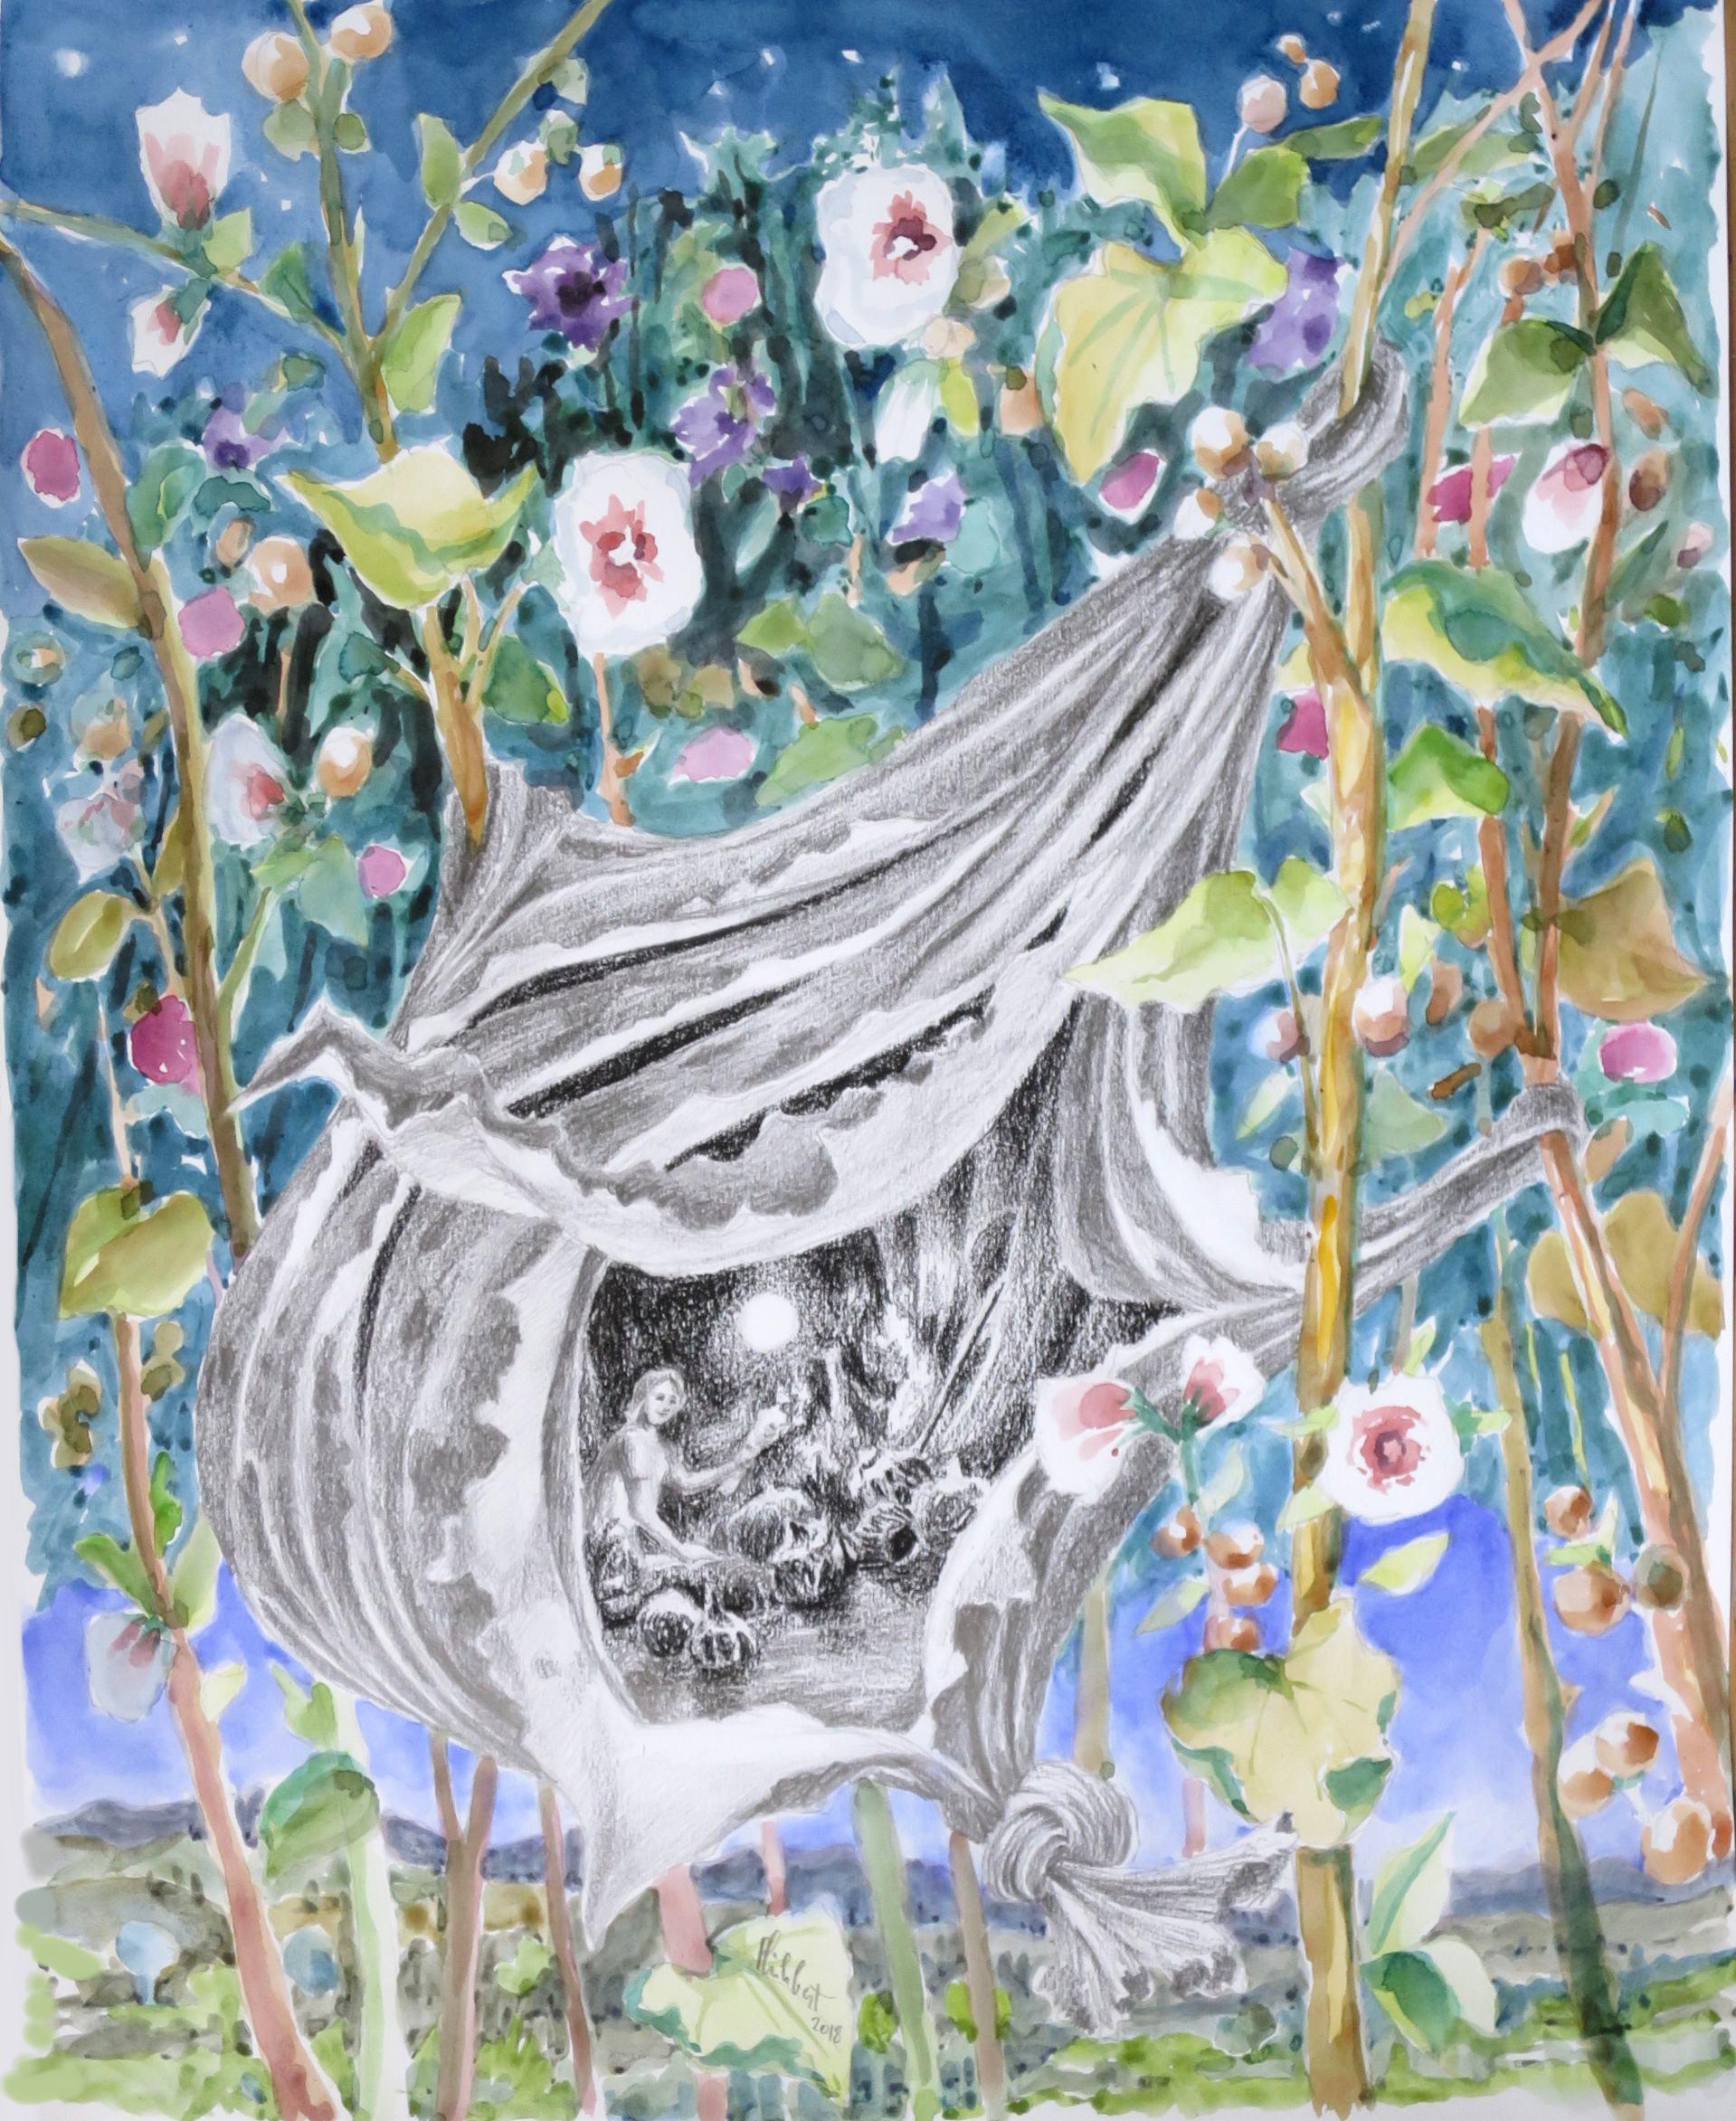 Sur les roses, 40 x 50 cm, août 2018